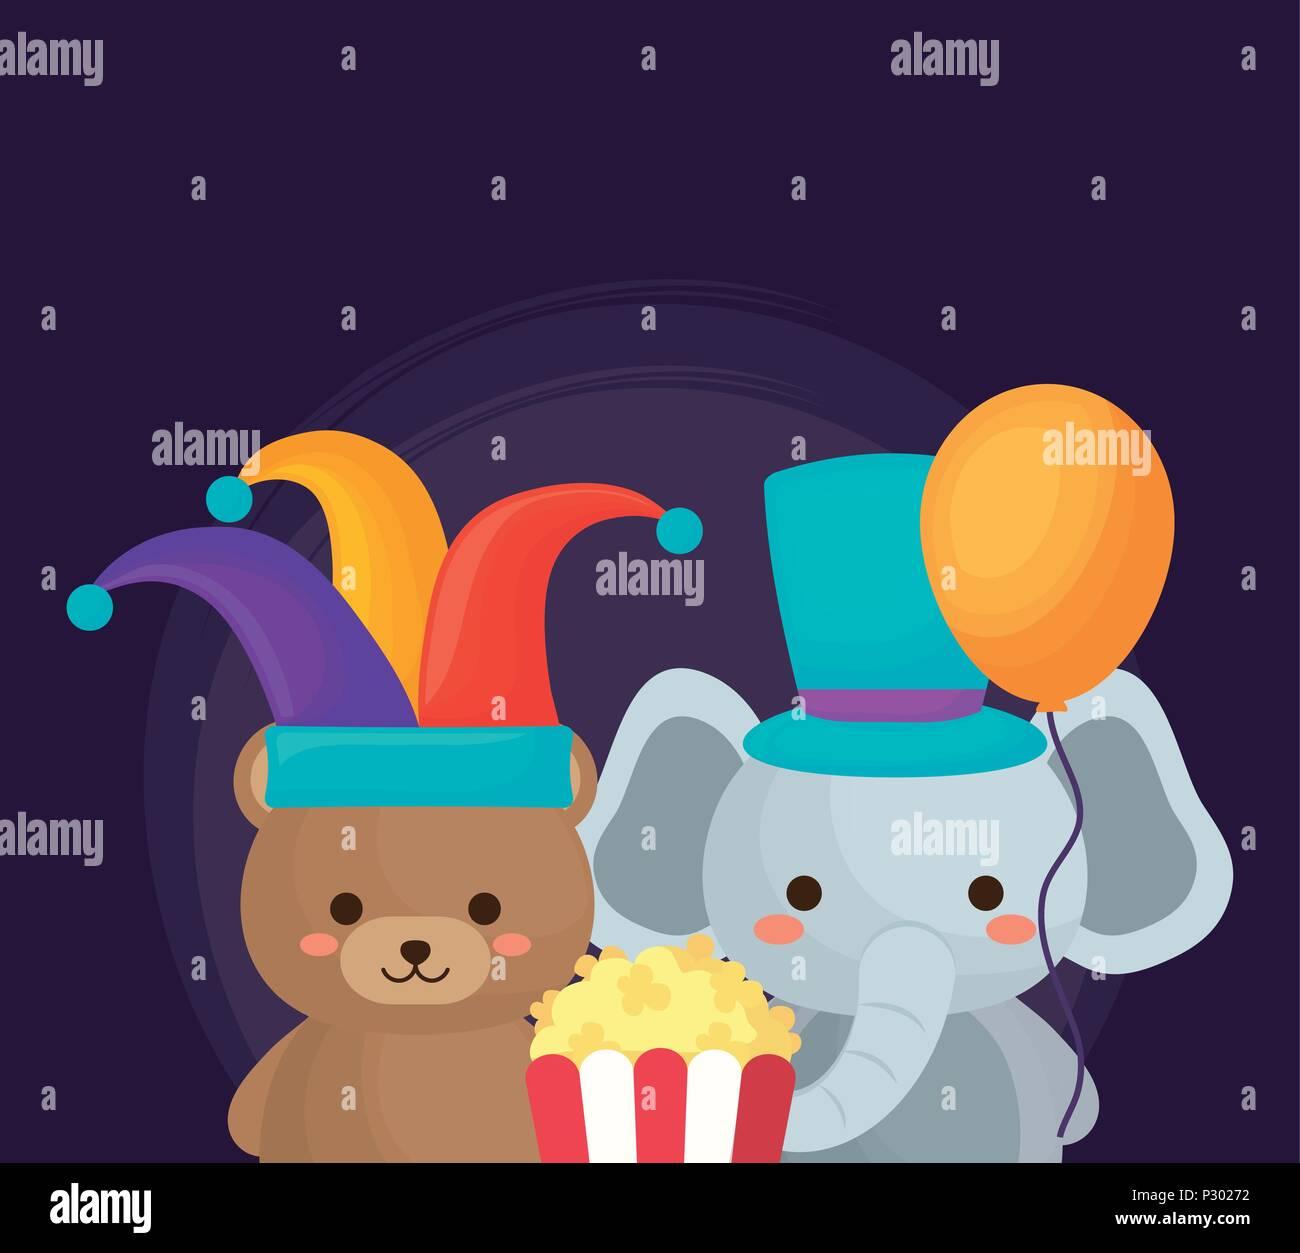 La conception du cirque carnaval avec mignon et éléphant ours avec pop corn sur fond violet, design coloré. vector illustration Illustration de Vecteur